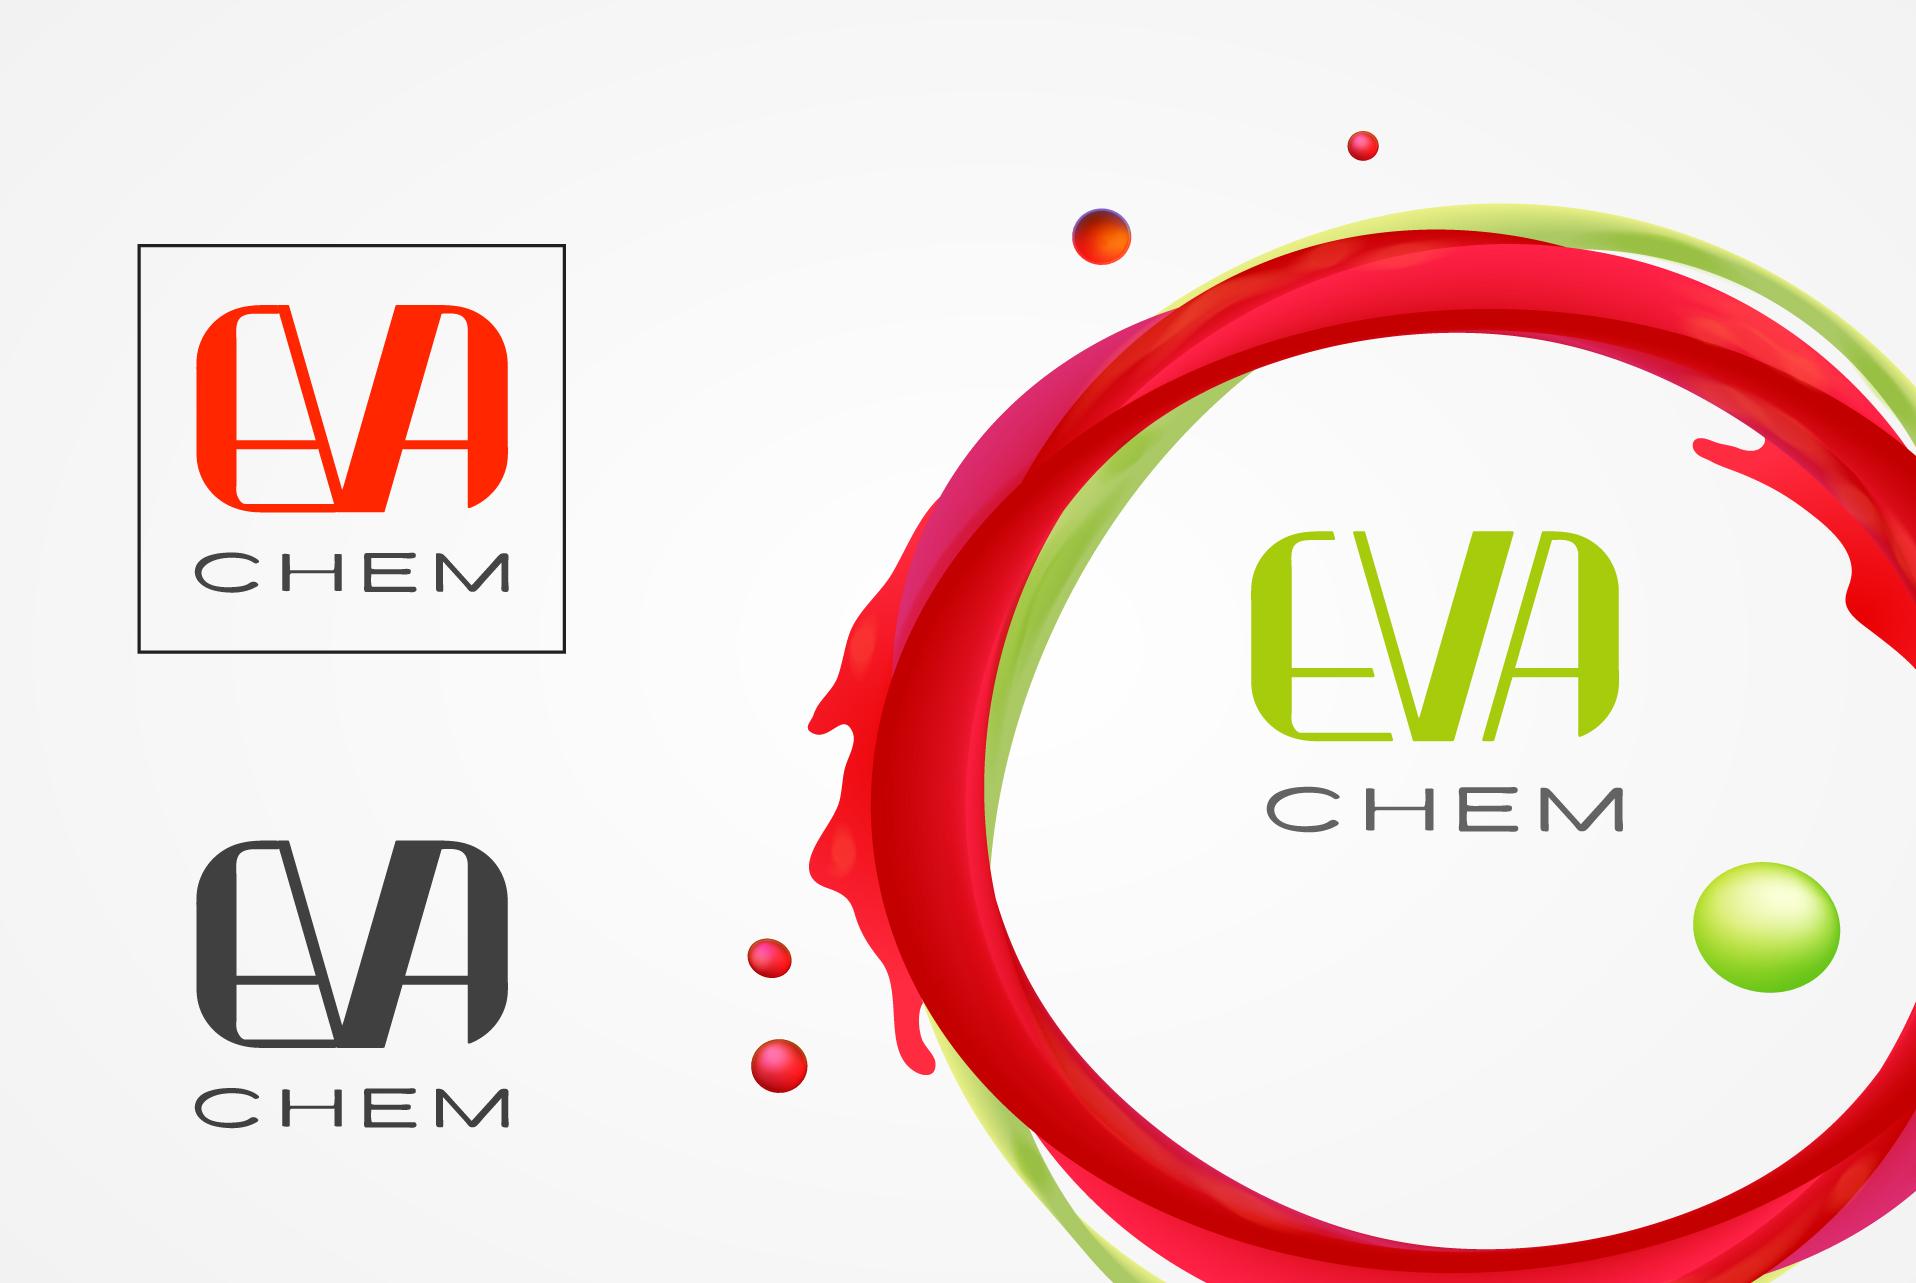 Разработка логотипа и фирменного стиля компании фото f_542572a4cb931ac1.jpg